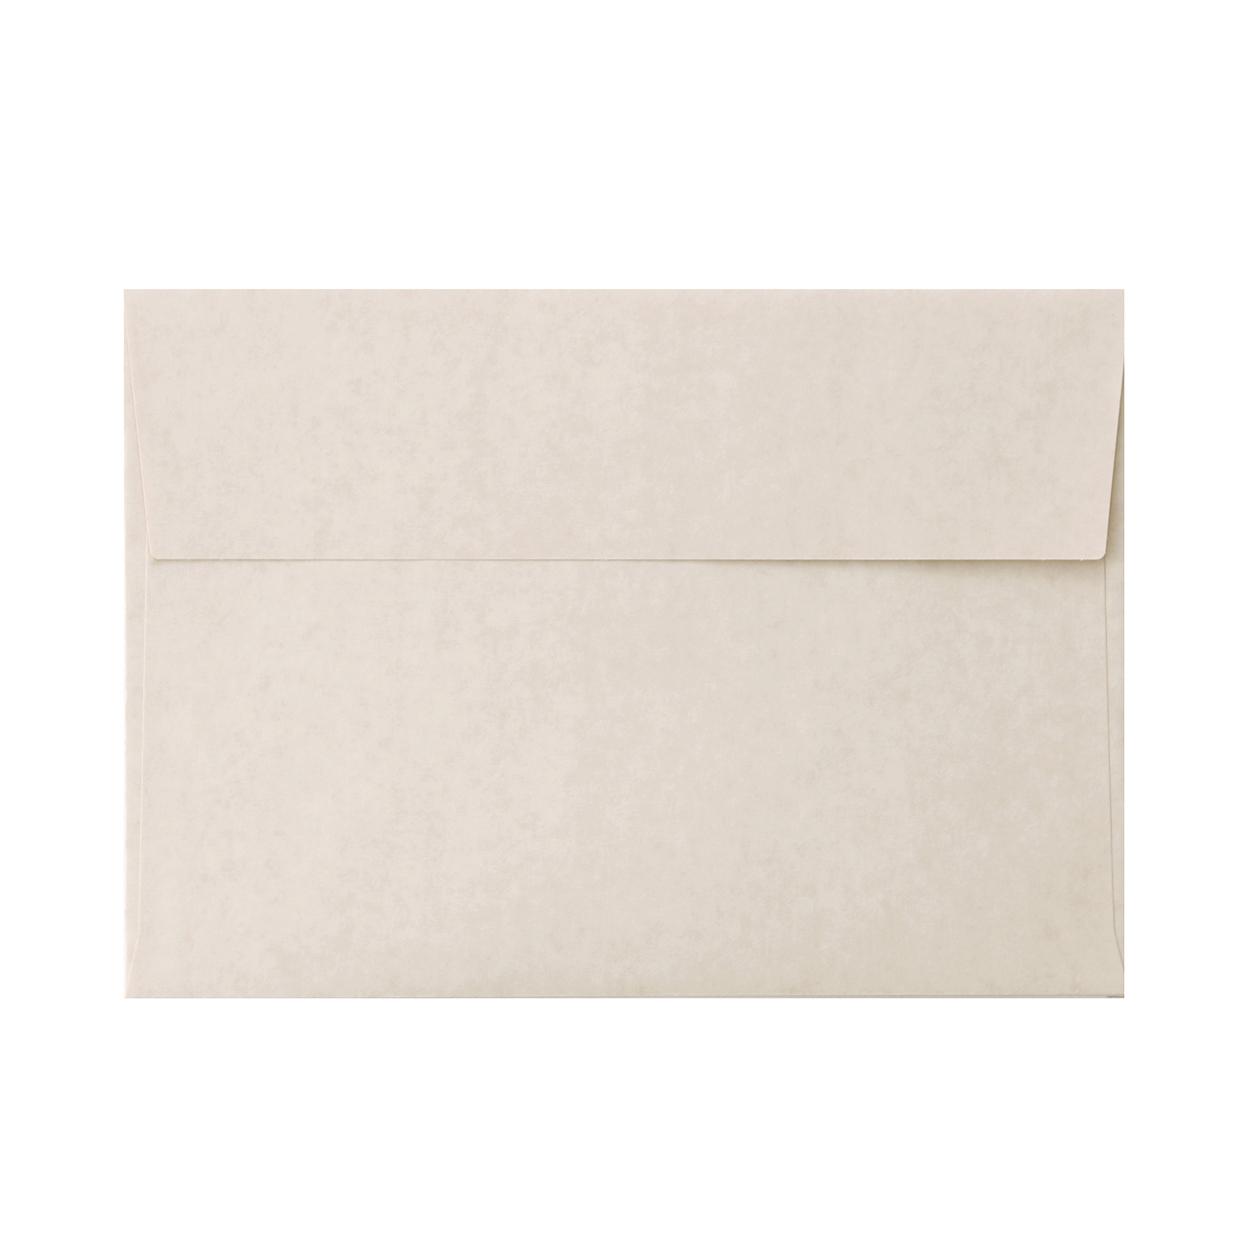 角6カマス封筒 ホワイトクラフト 100g